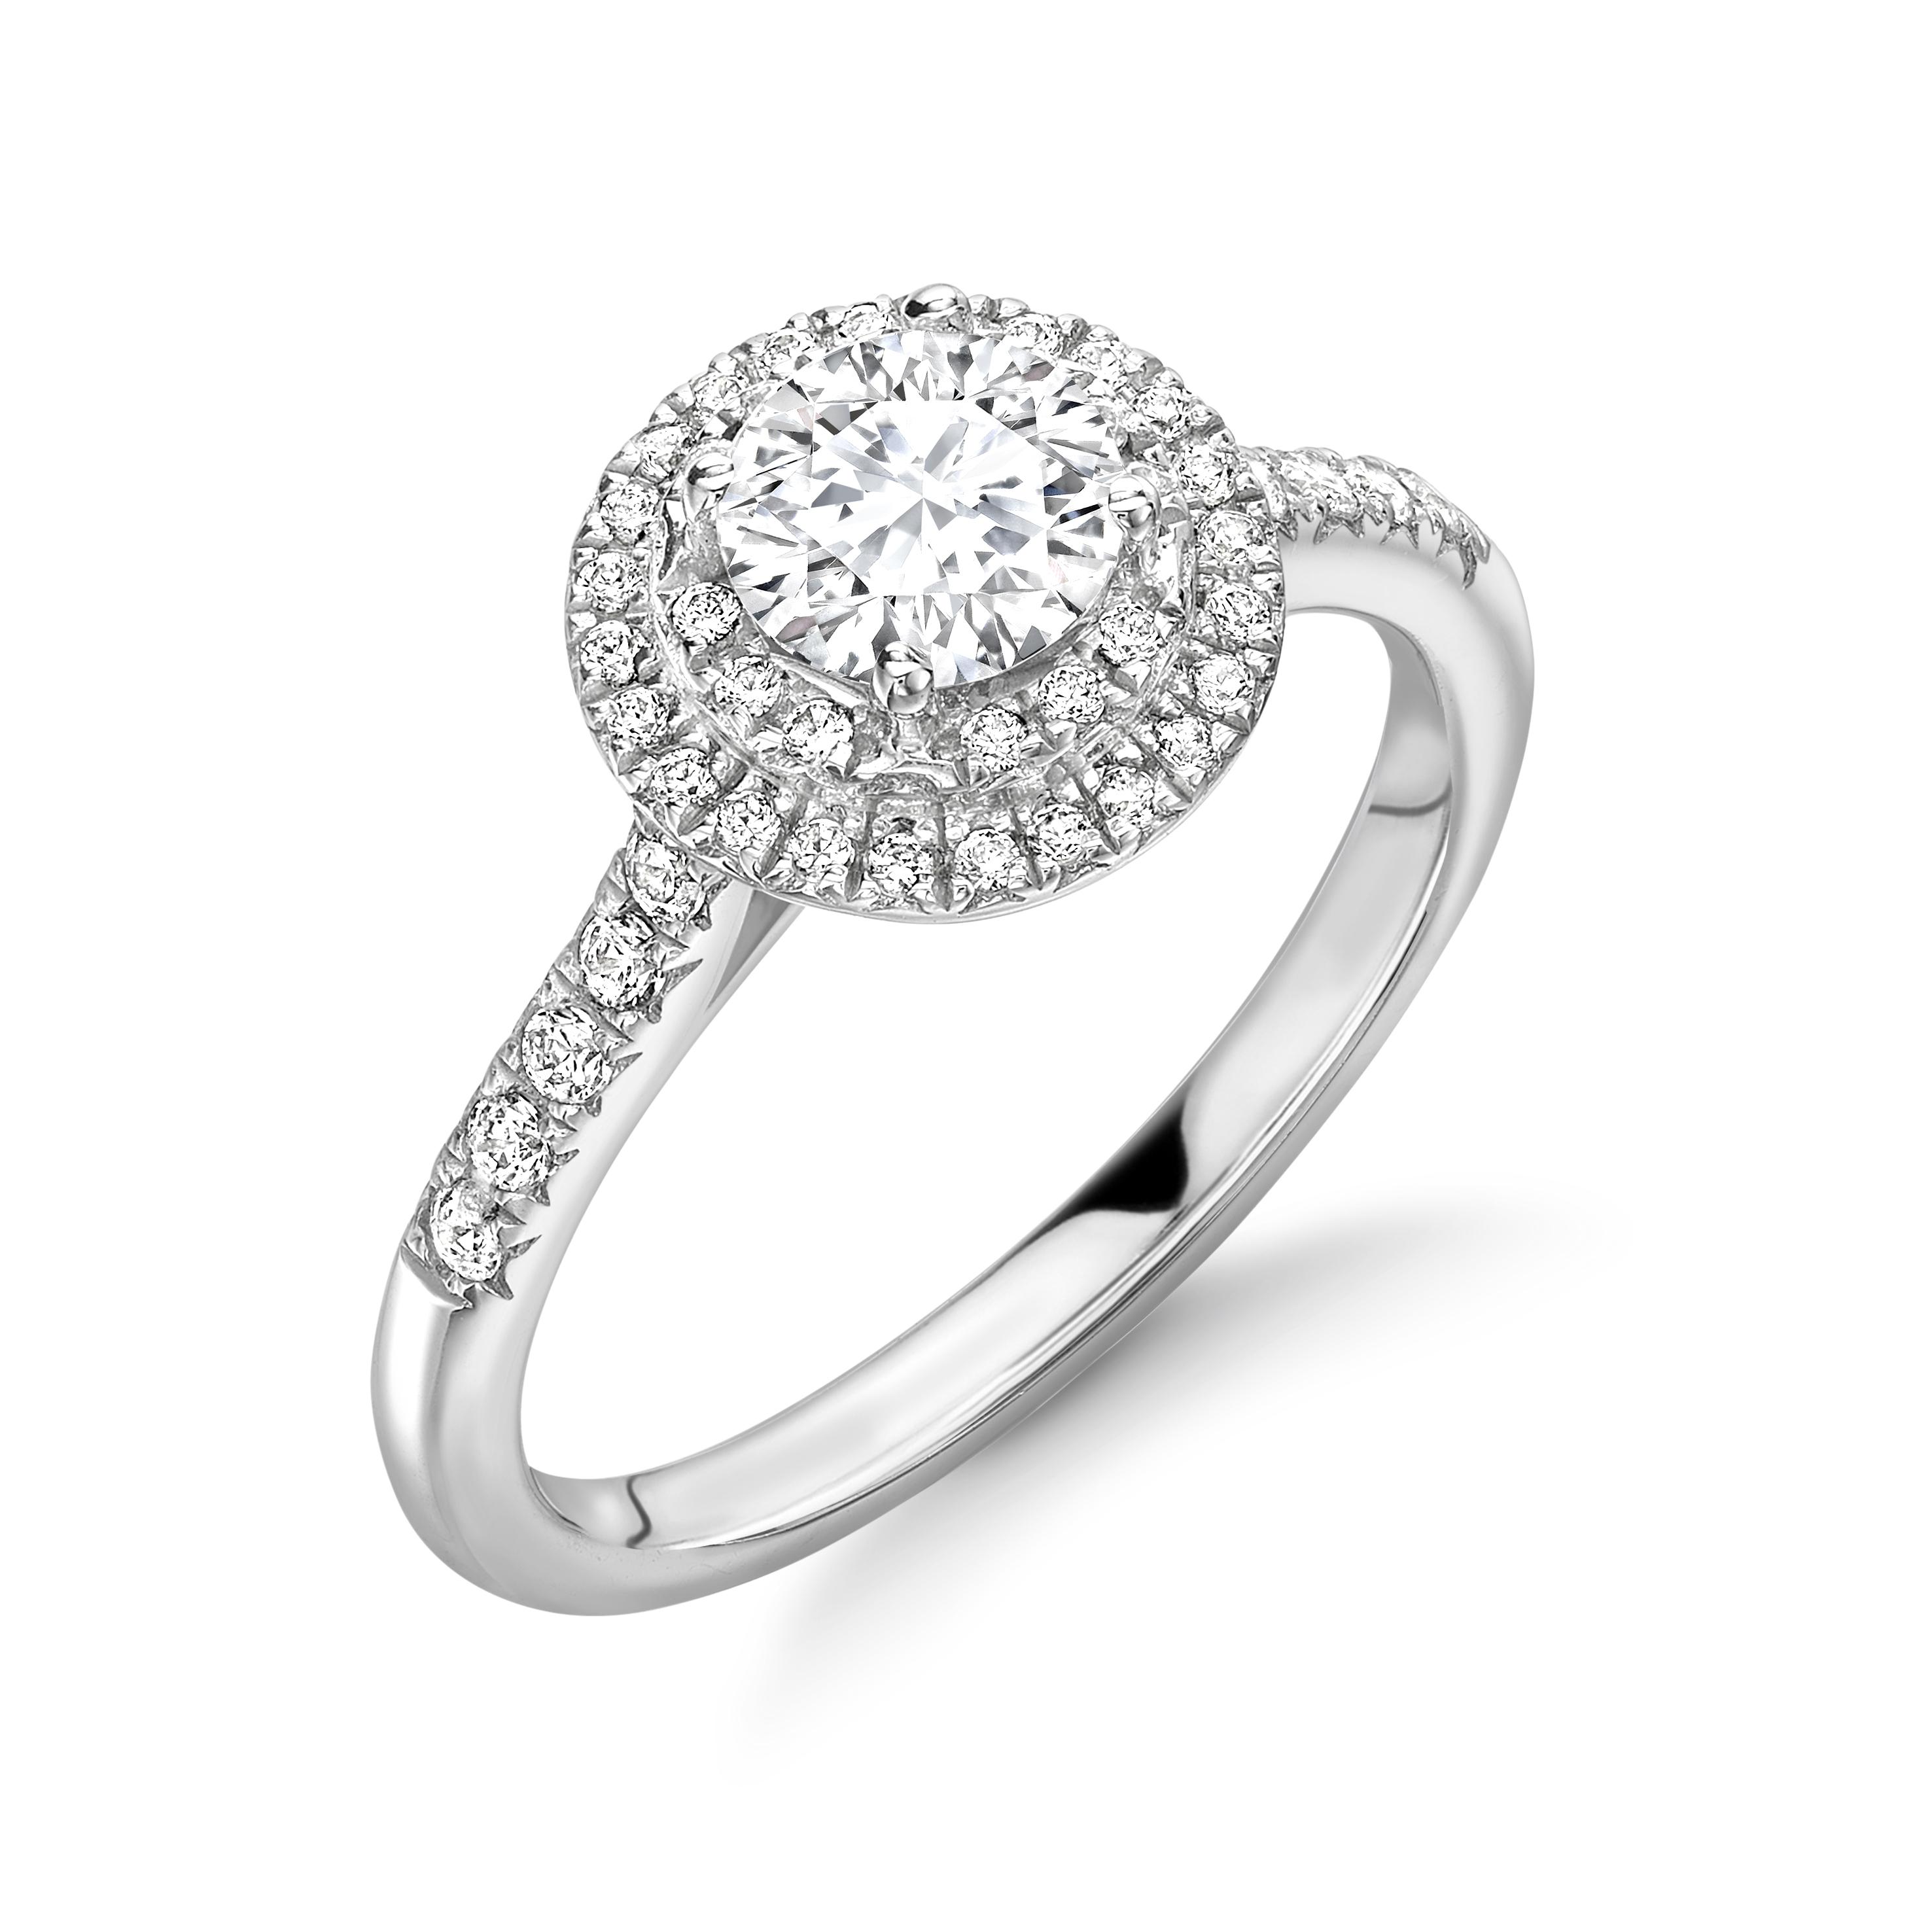 4 Prong Setting Round Shape 2 Raw Halo Diamond Engagement Rings